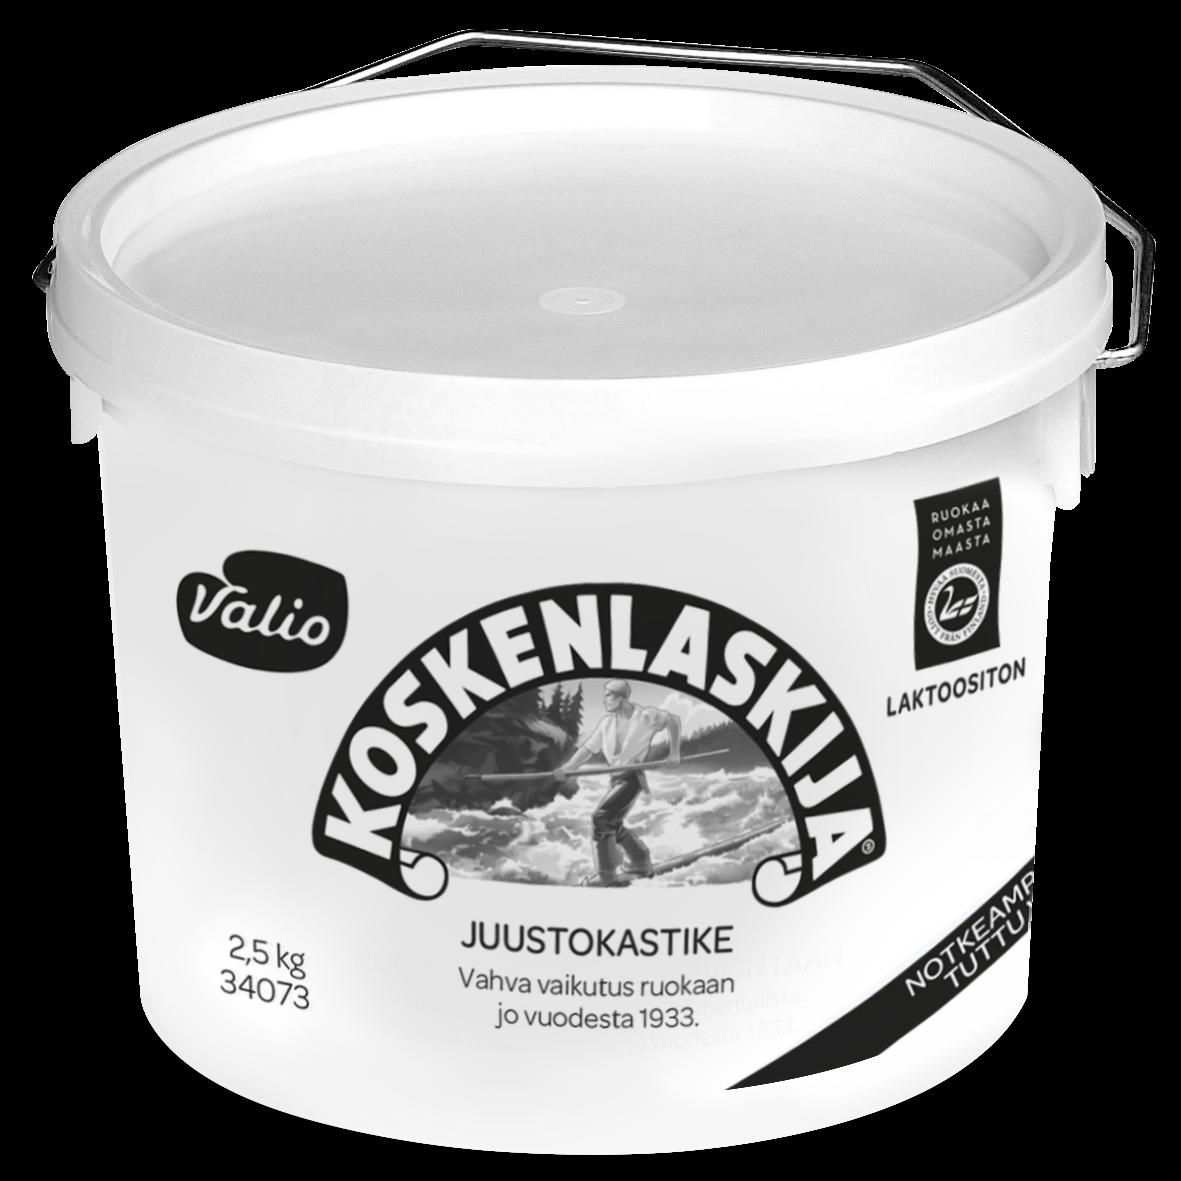 Valio Koskenlaskija® juustokastike laktoositon